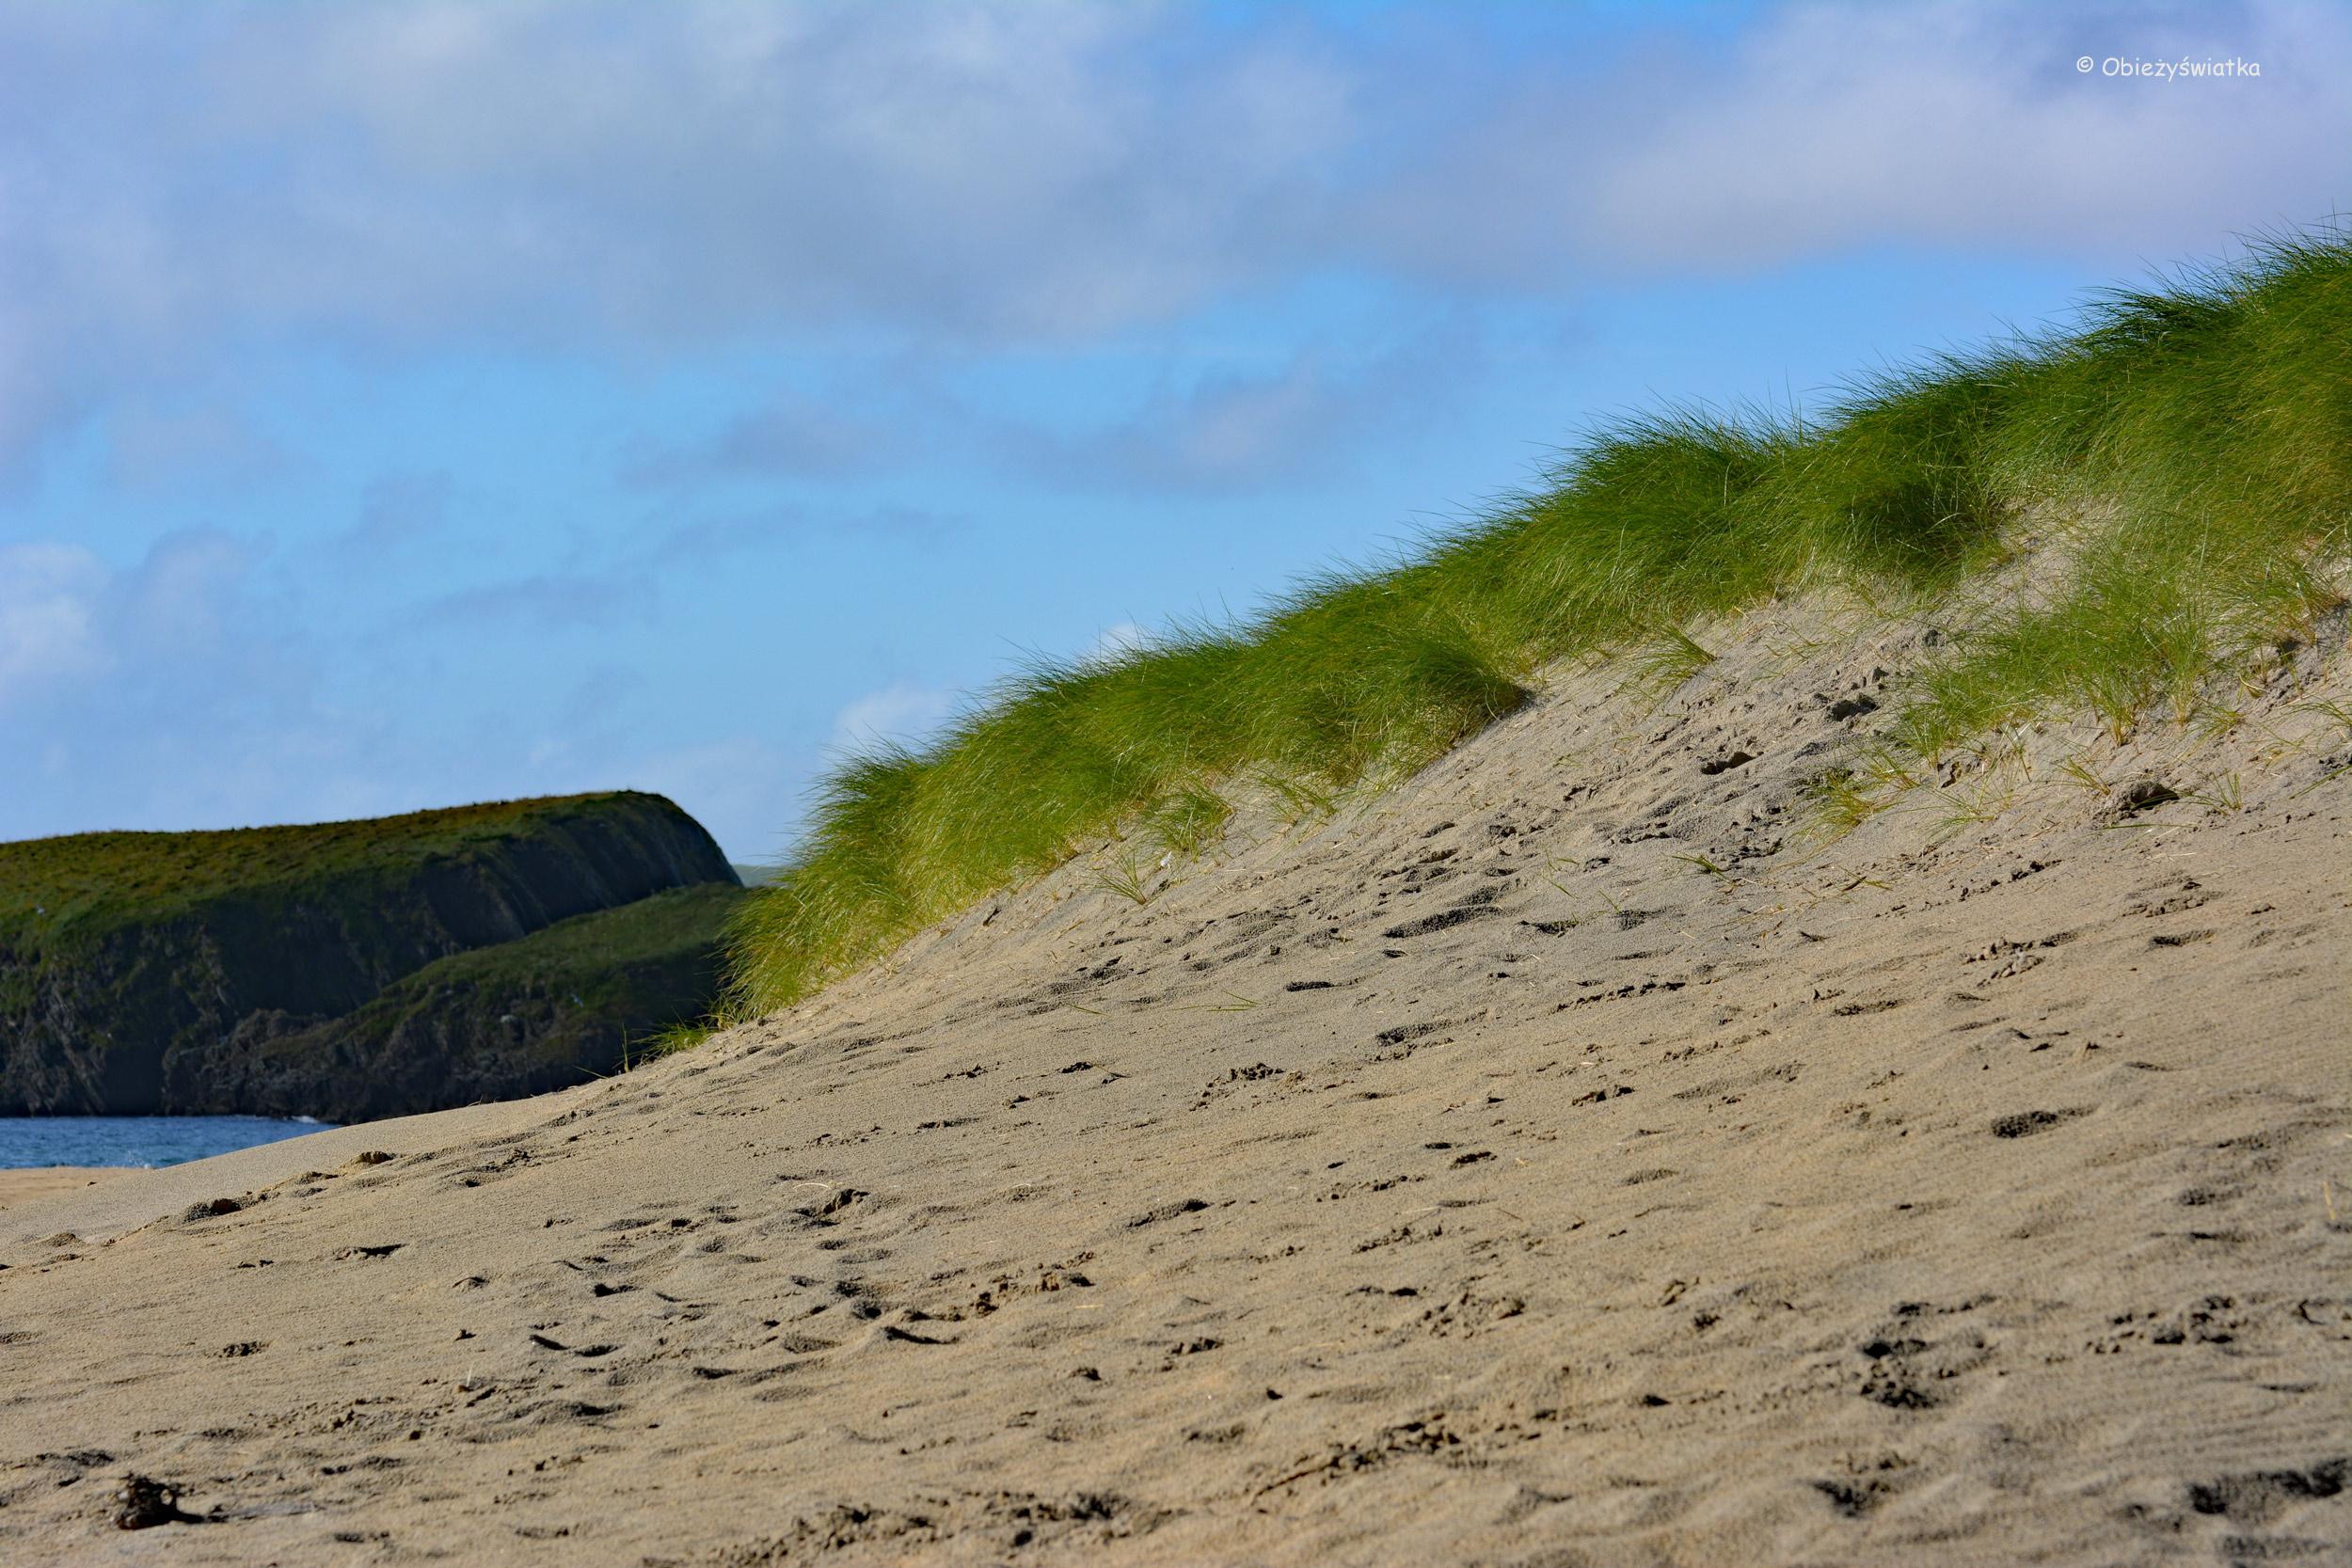 Wyspa św. Niniana, Wyspy Szetlandzkie, Szkocja